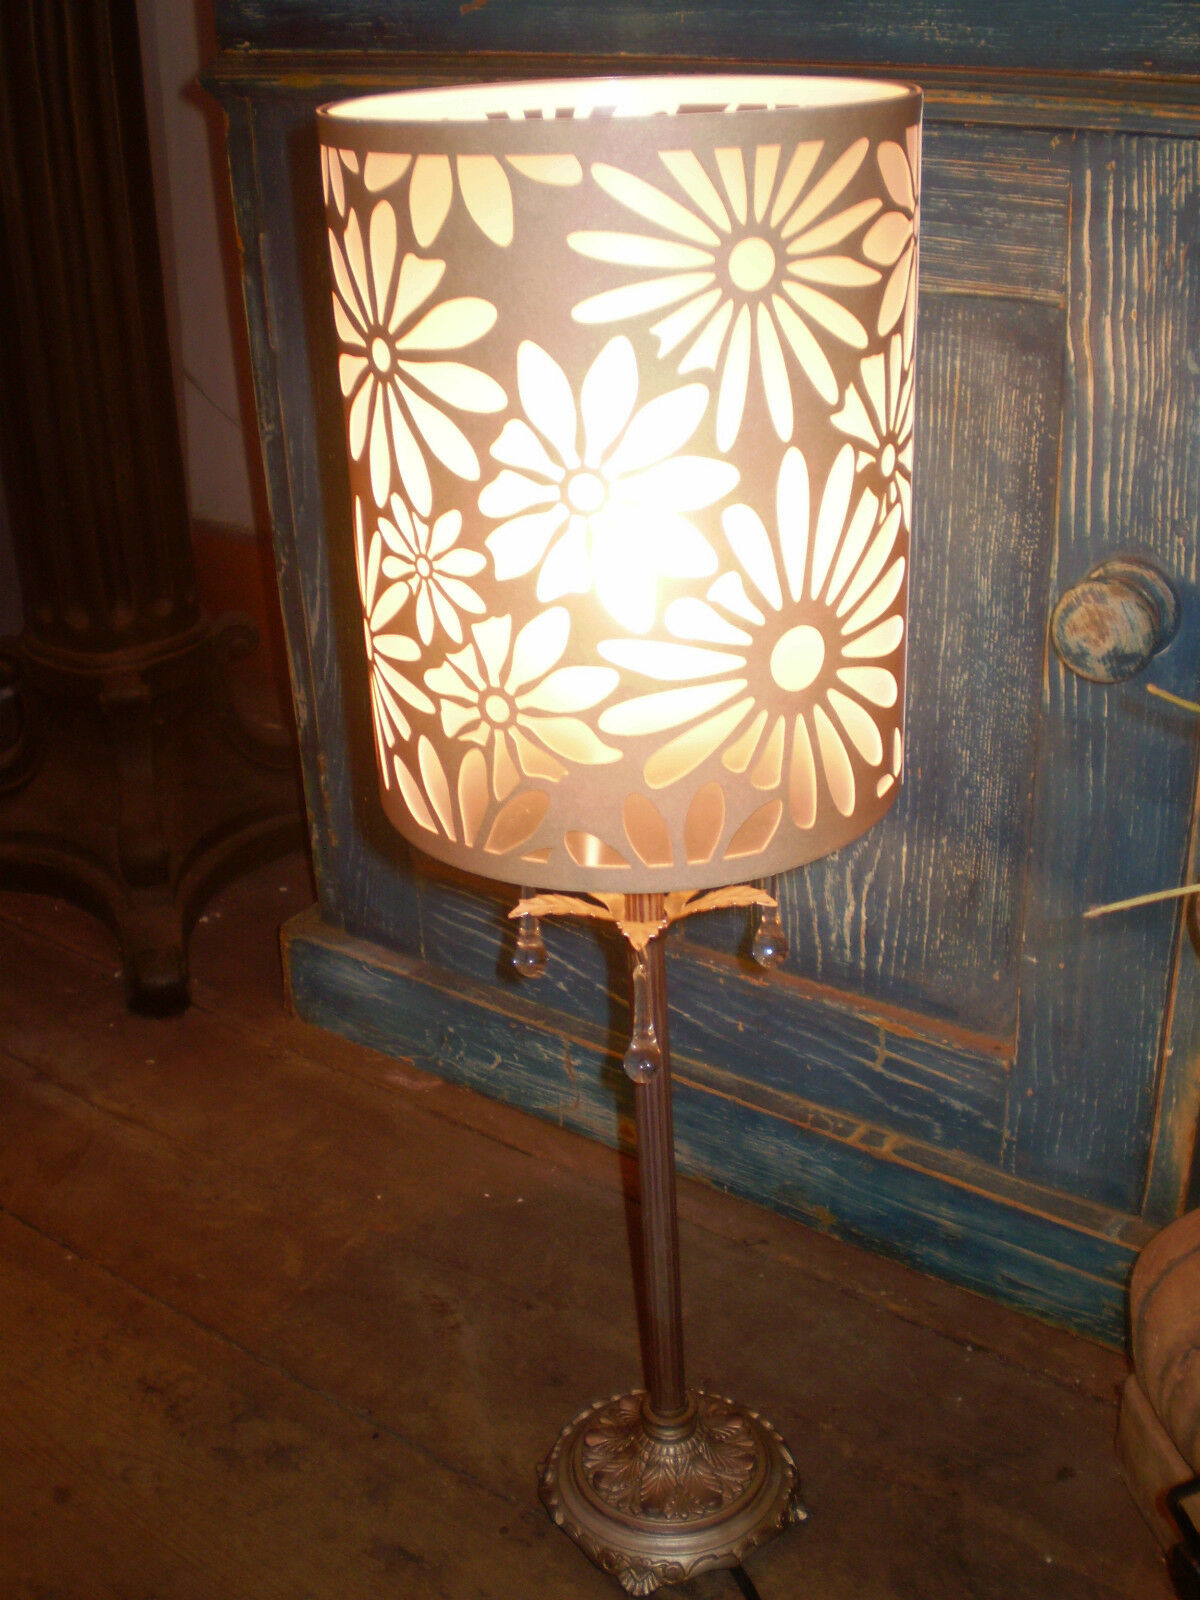 Danish Zeitgenössisch Stil Juwelenbesetzt Lampe 60 Watt.mood Beleuchtung